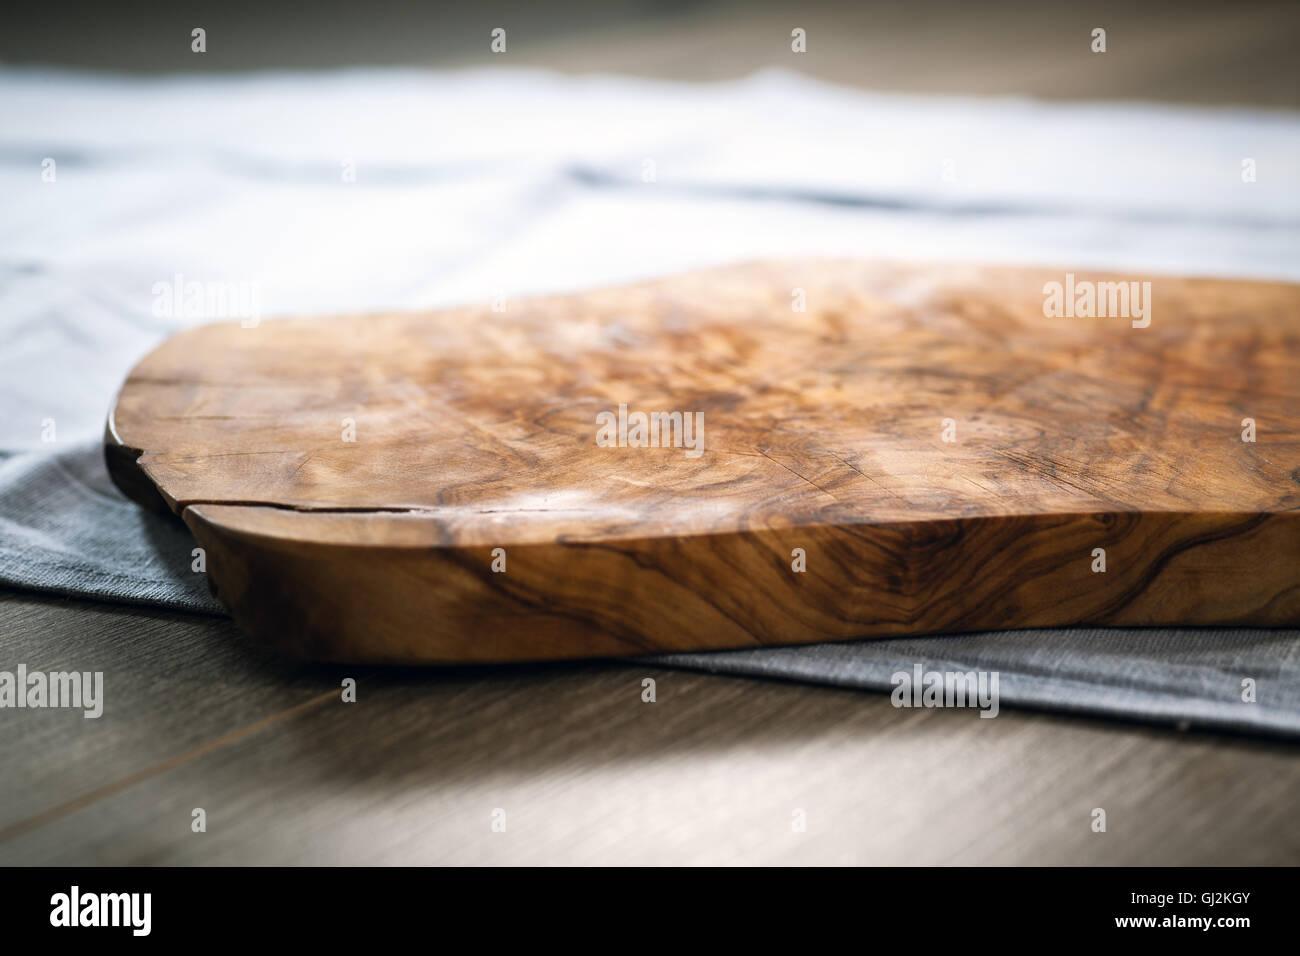 Holz Schneidebrett Olivenholz auf Blaue Tischdecke gemacht Stockbild